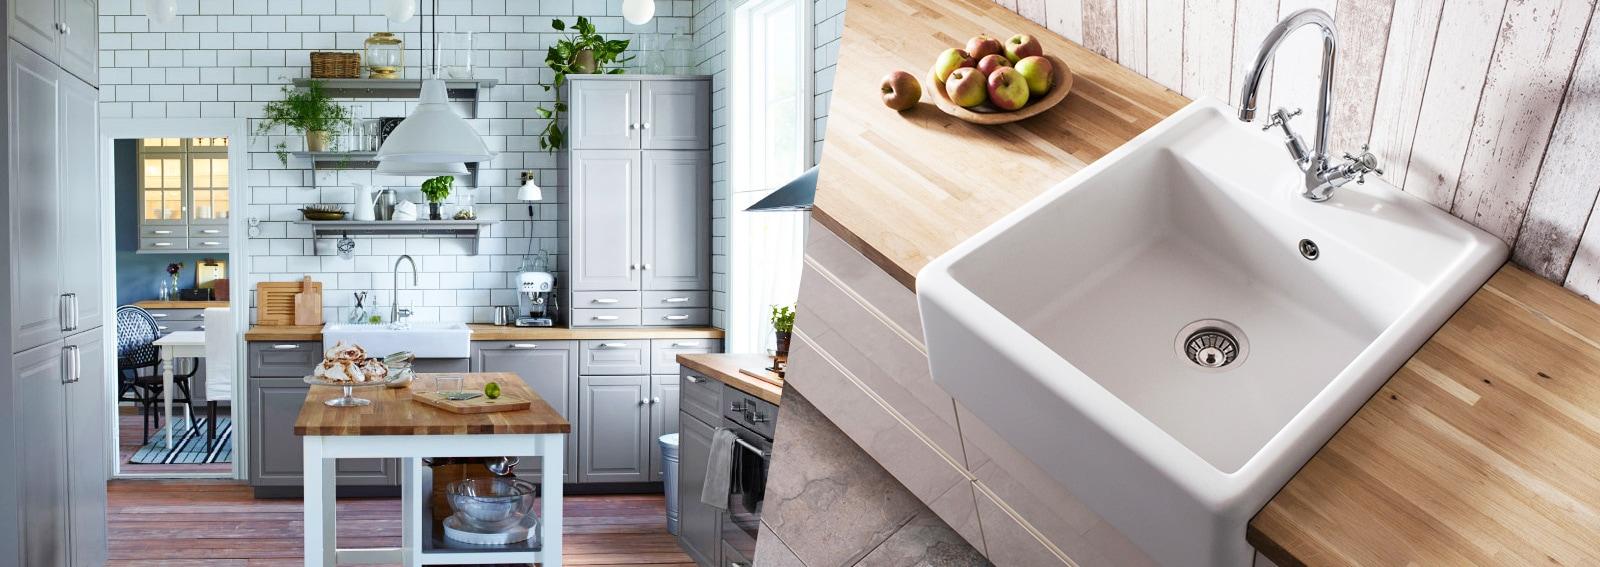 10 lavelli di design per una cucina bella e funzionale - Lavelli per cucina in ceramica ...